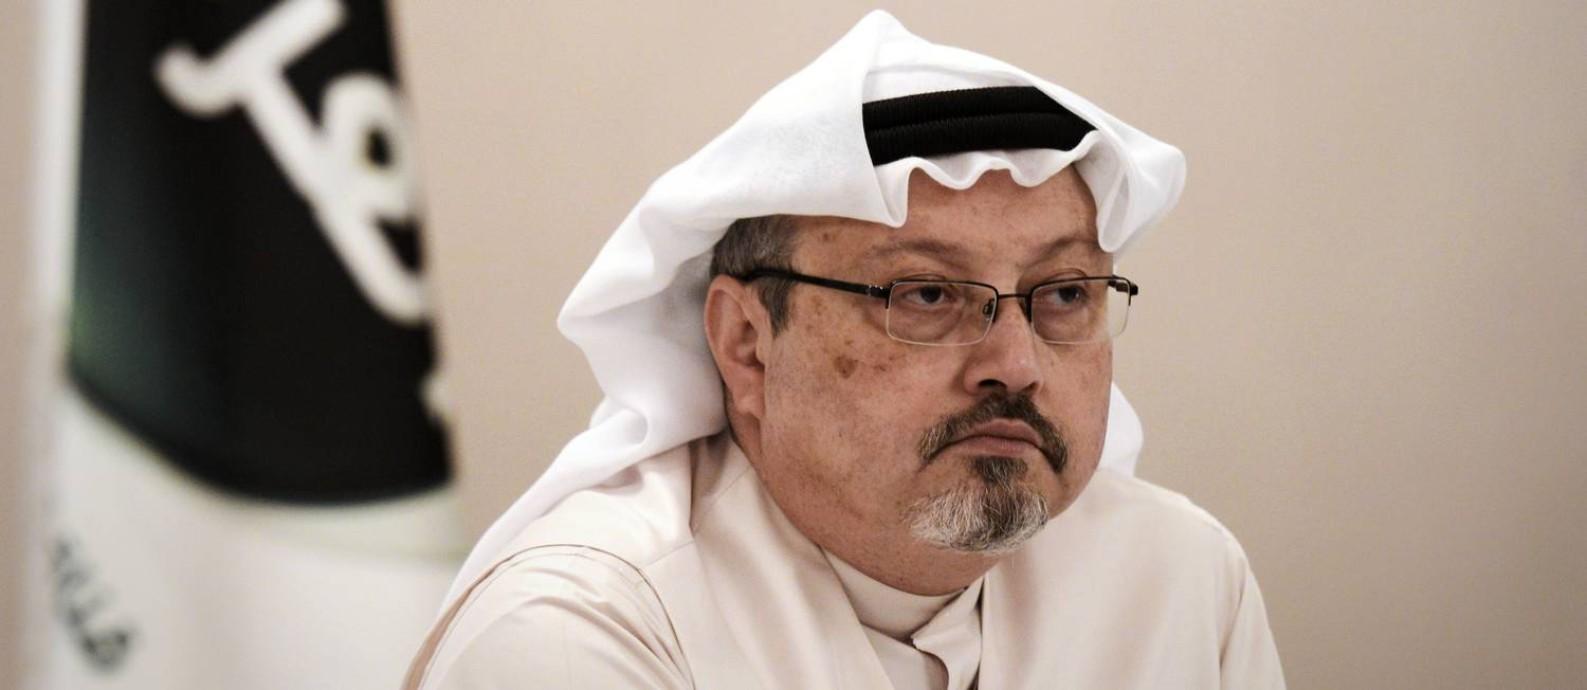 Em 2014, Jamal Khashoggi em entrevista coletiva; Arábia Saudita confirmou nesta sexta-feira sua morte em consulado Foto: MOHAMMED AL-SHAIKH / AFP